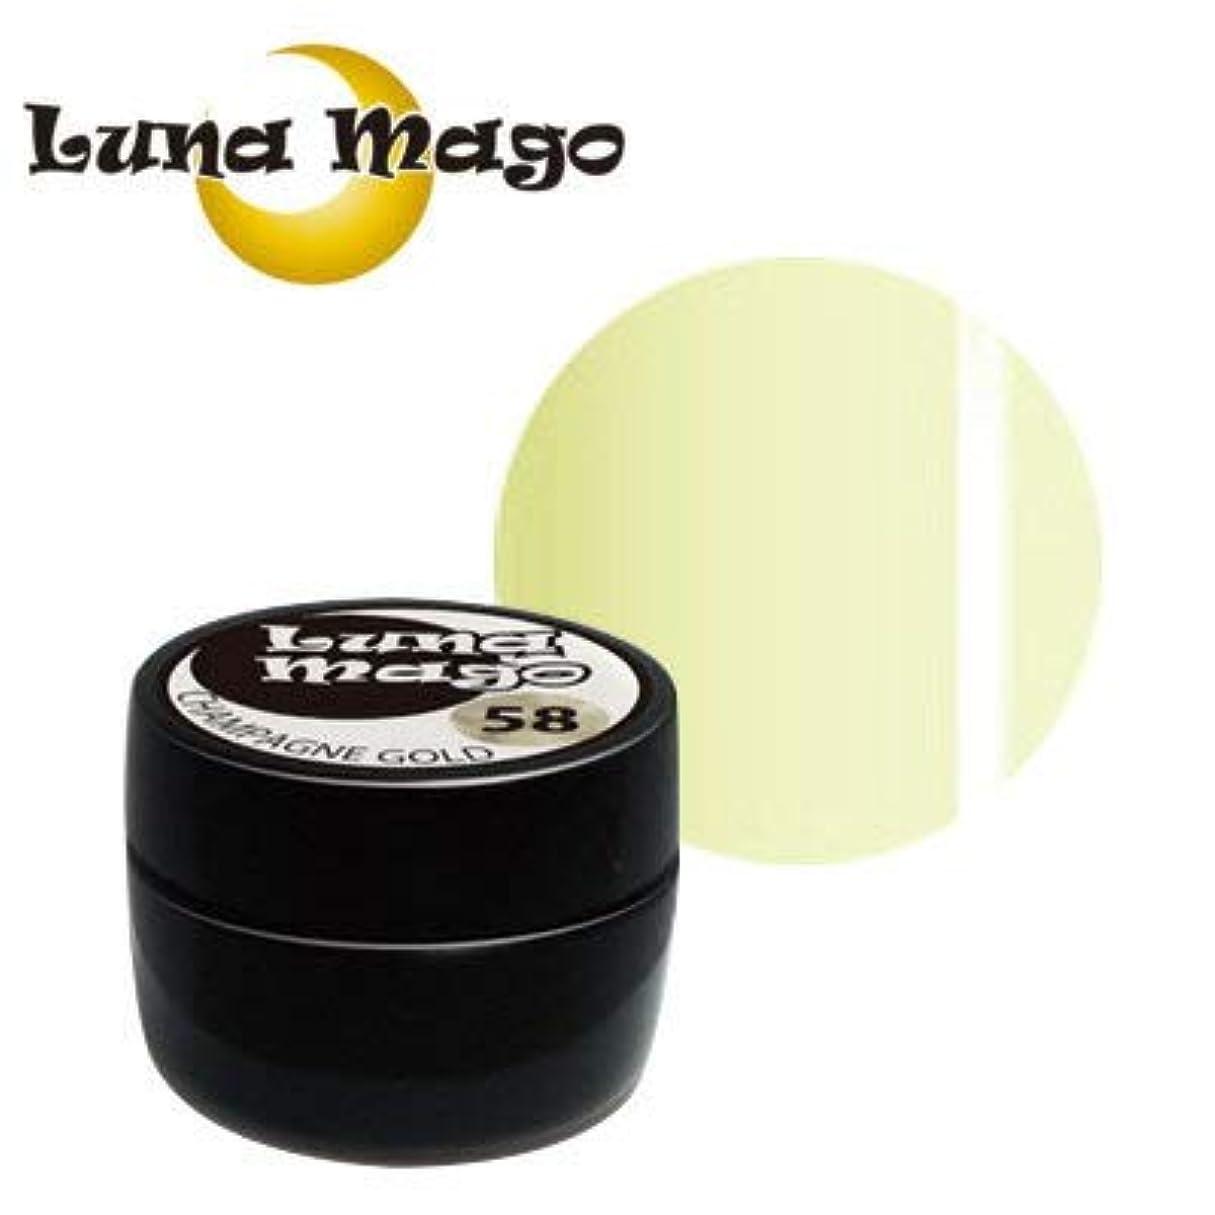 候補者引き受ける規定Luna Mago カラージェル 5g 004 クリーム